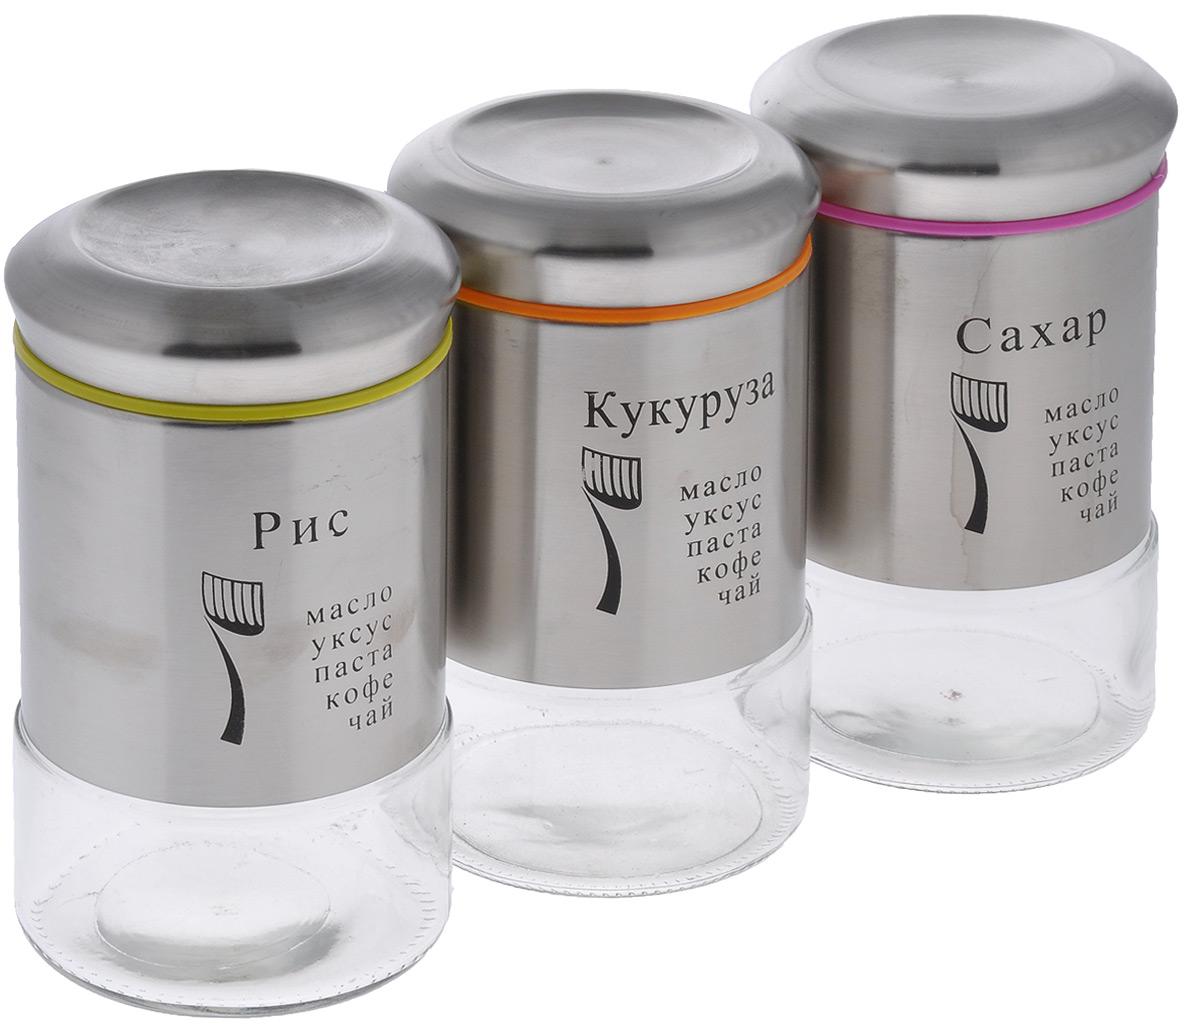 Набор банок для сыпучих продуктов Mayer & Boch, 6 предметов23491Набор банок Mayer & Boch изготовлен из первоклассной нержавеющей стали и стекла. Емкости можно наполнять любыми, используемыми Вами специями. Плотное закрытие крышки помогает сохранить свежесть и аромат содержимого, при этом не позволяет проникновение влаги. Такие банки обеспечат длительную сохранность ваших продуктов, а также безопасность от грызунов и насекомых. Диаметр банок (по верхнему краю): 8,5 см. Высота банок (без учета крышки): 17,7 см. Объем банок: 750 мл. Количество банок: 3 шт.